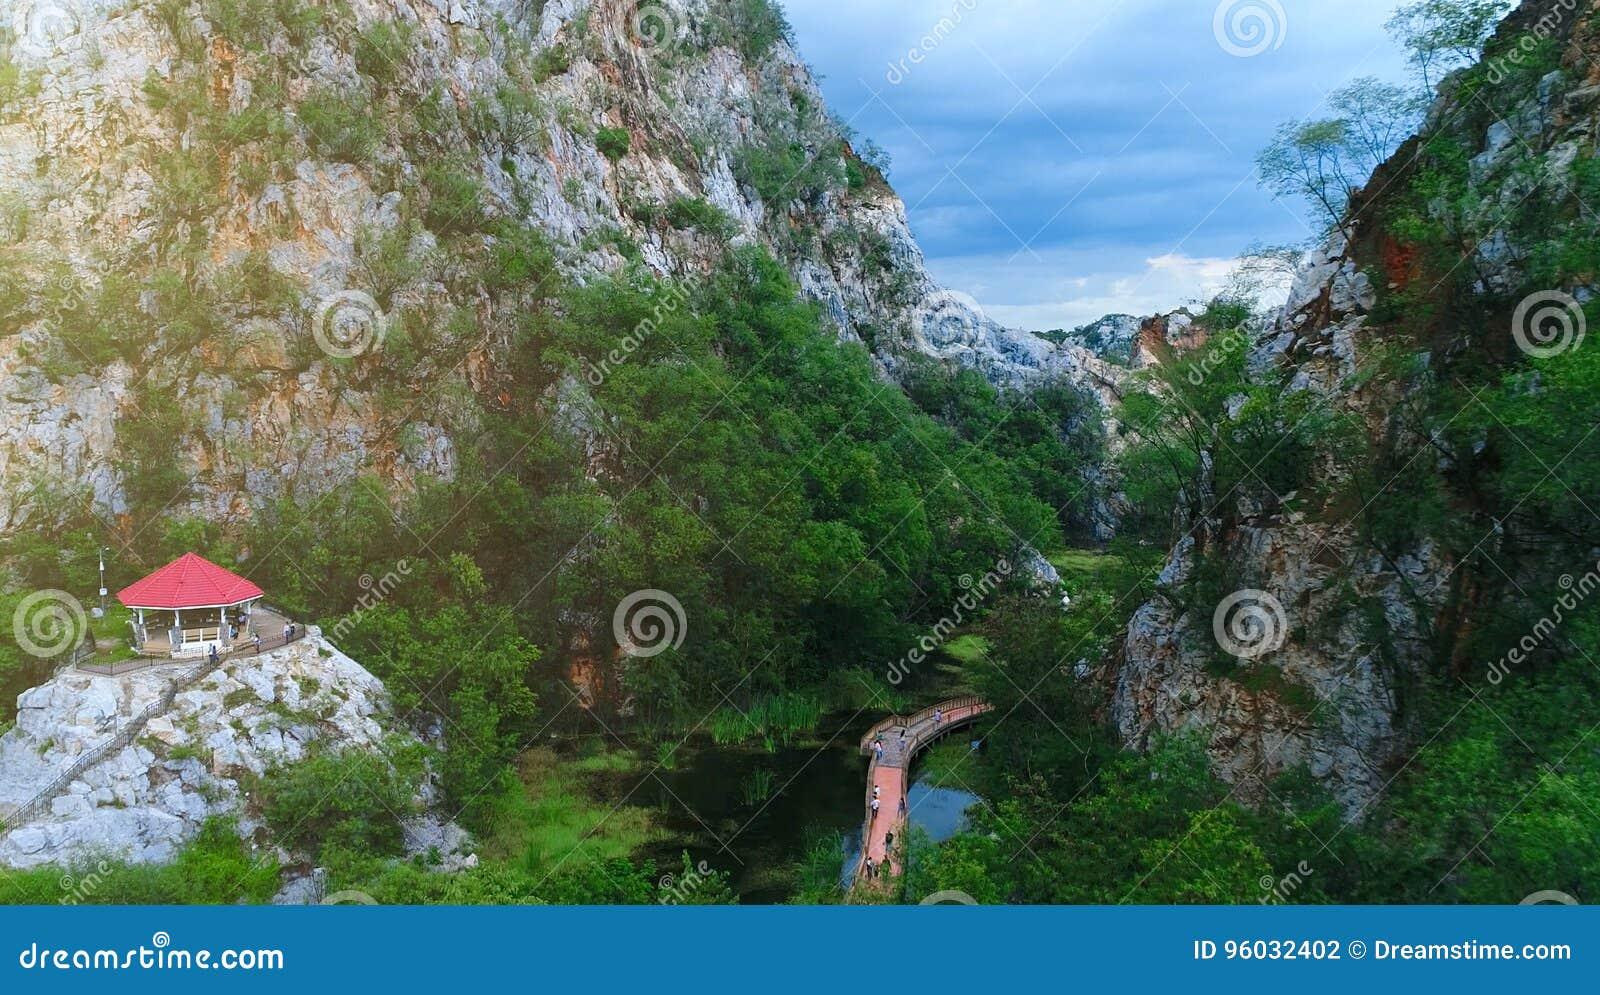 Krajobrazowy park w górze